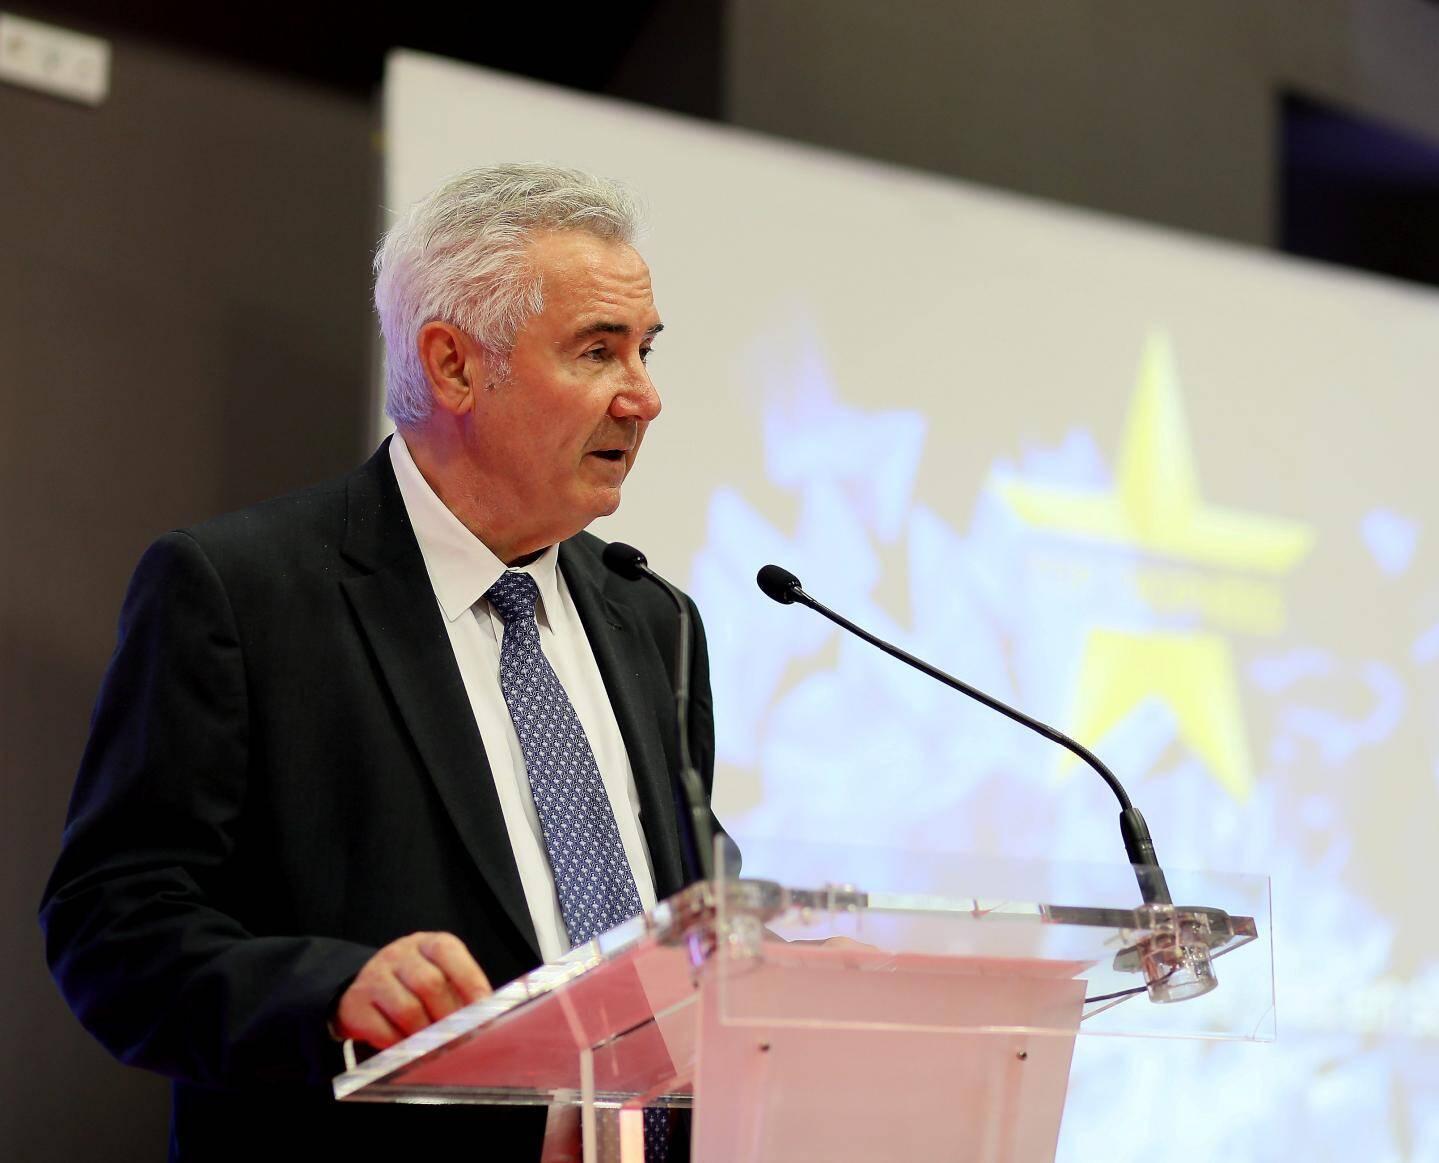 Jacques Bianchi, président de la CCI du Var, Hubert Falco, président de TPM et maire de Toulon, et Gérard Cerruti, président de l'UPV, ont assuré les entrepreneurs varois de leur soutien.